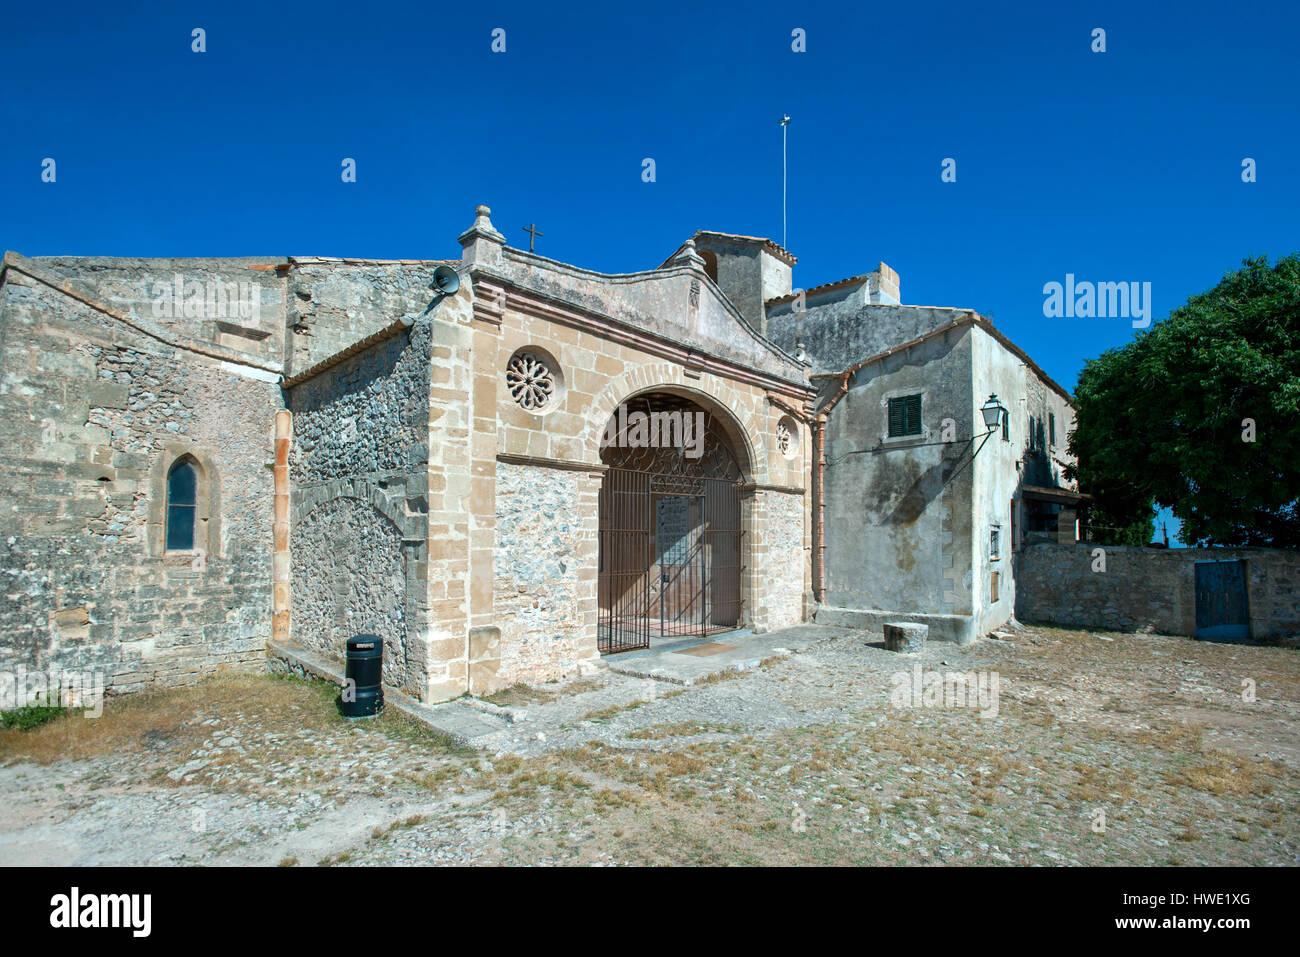 Santuari de la Mare de Deu, Puig de Maria, Pollenca, Mallorca, Balearics, Spain - Stock Image